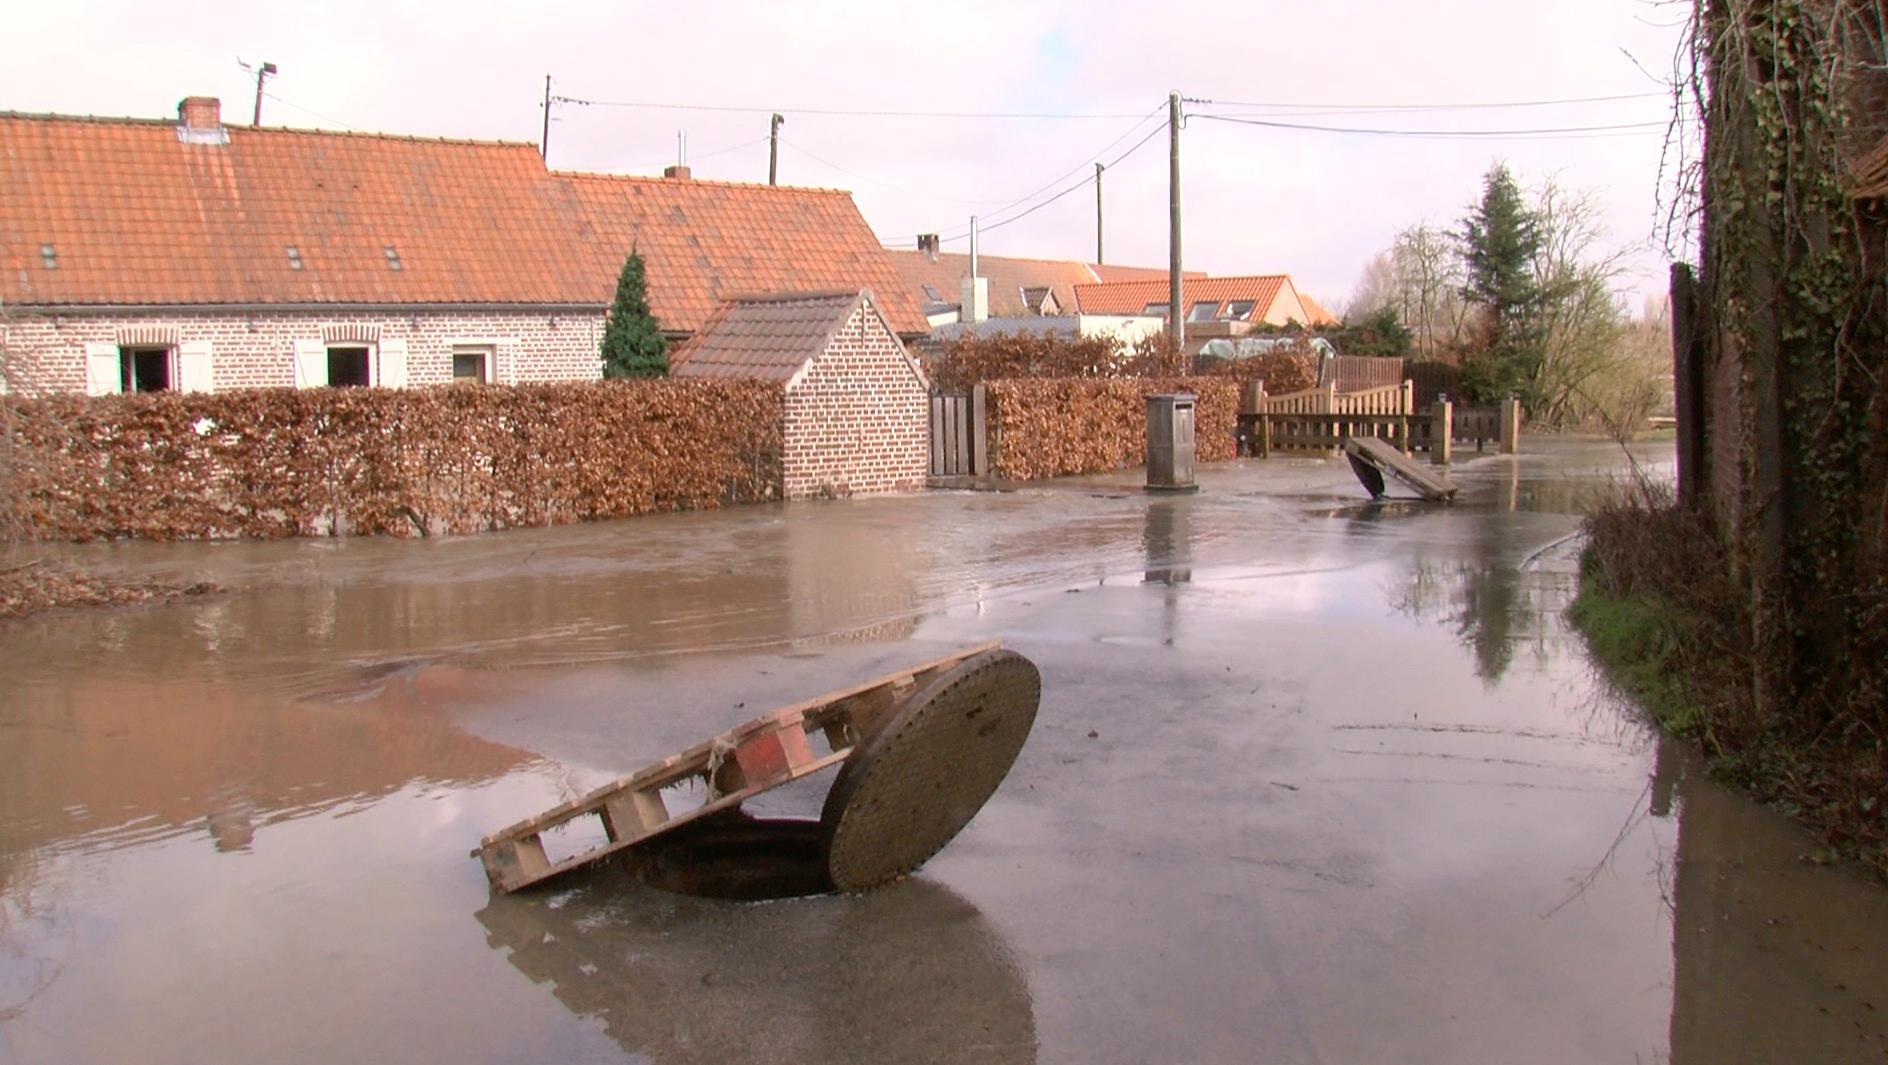 Inondations : La Province de Hainaut prévoit plusieurs gros chantiers en 2018